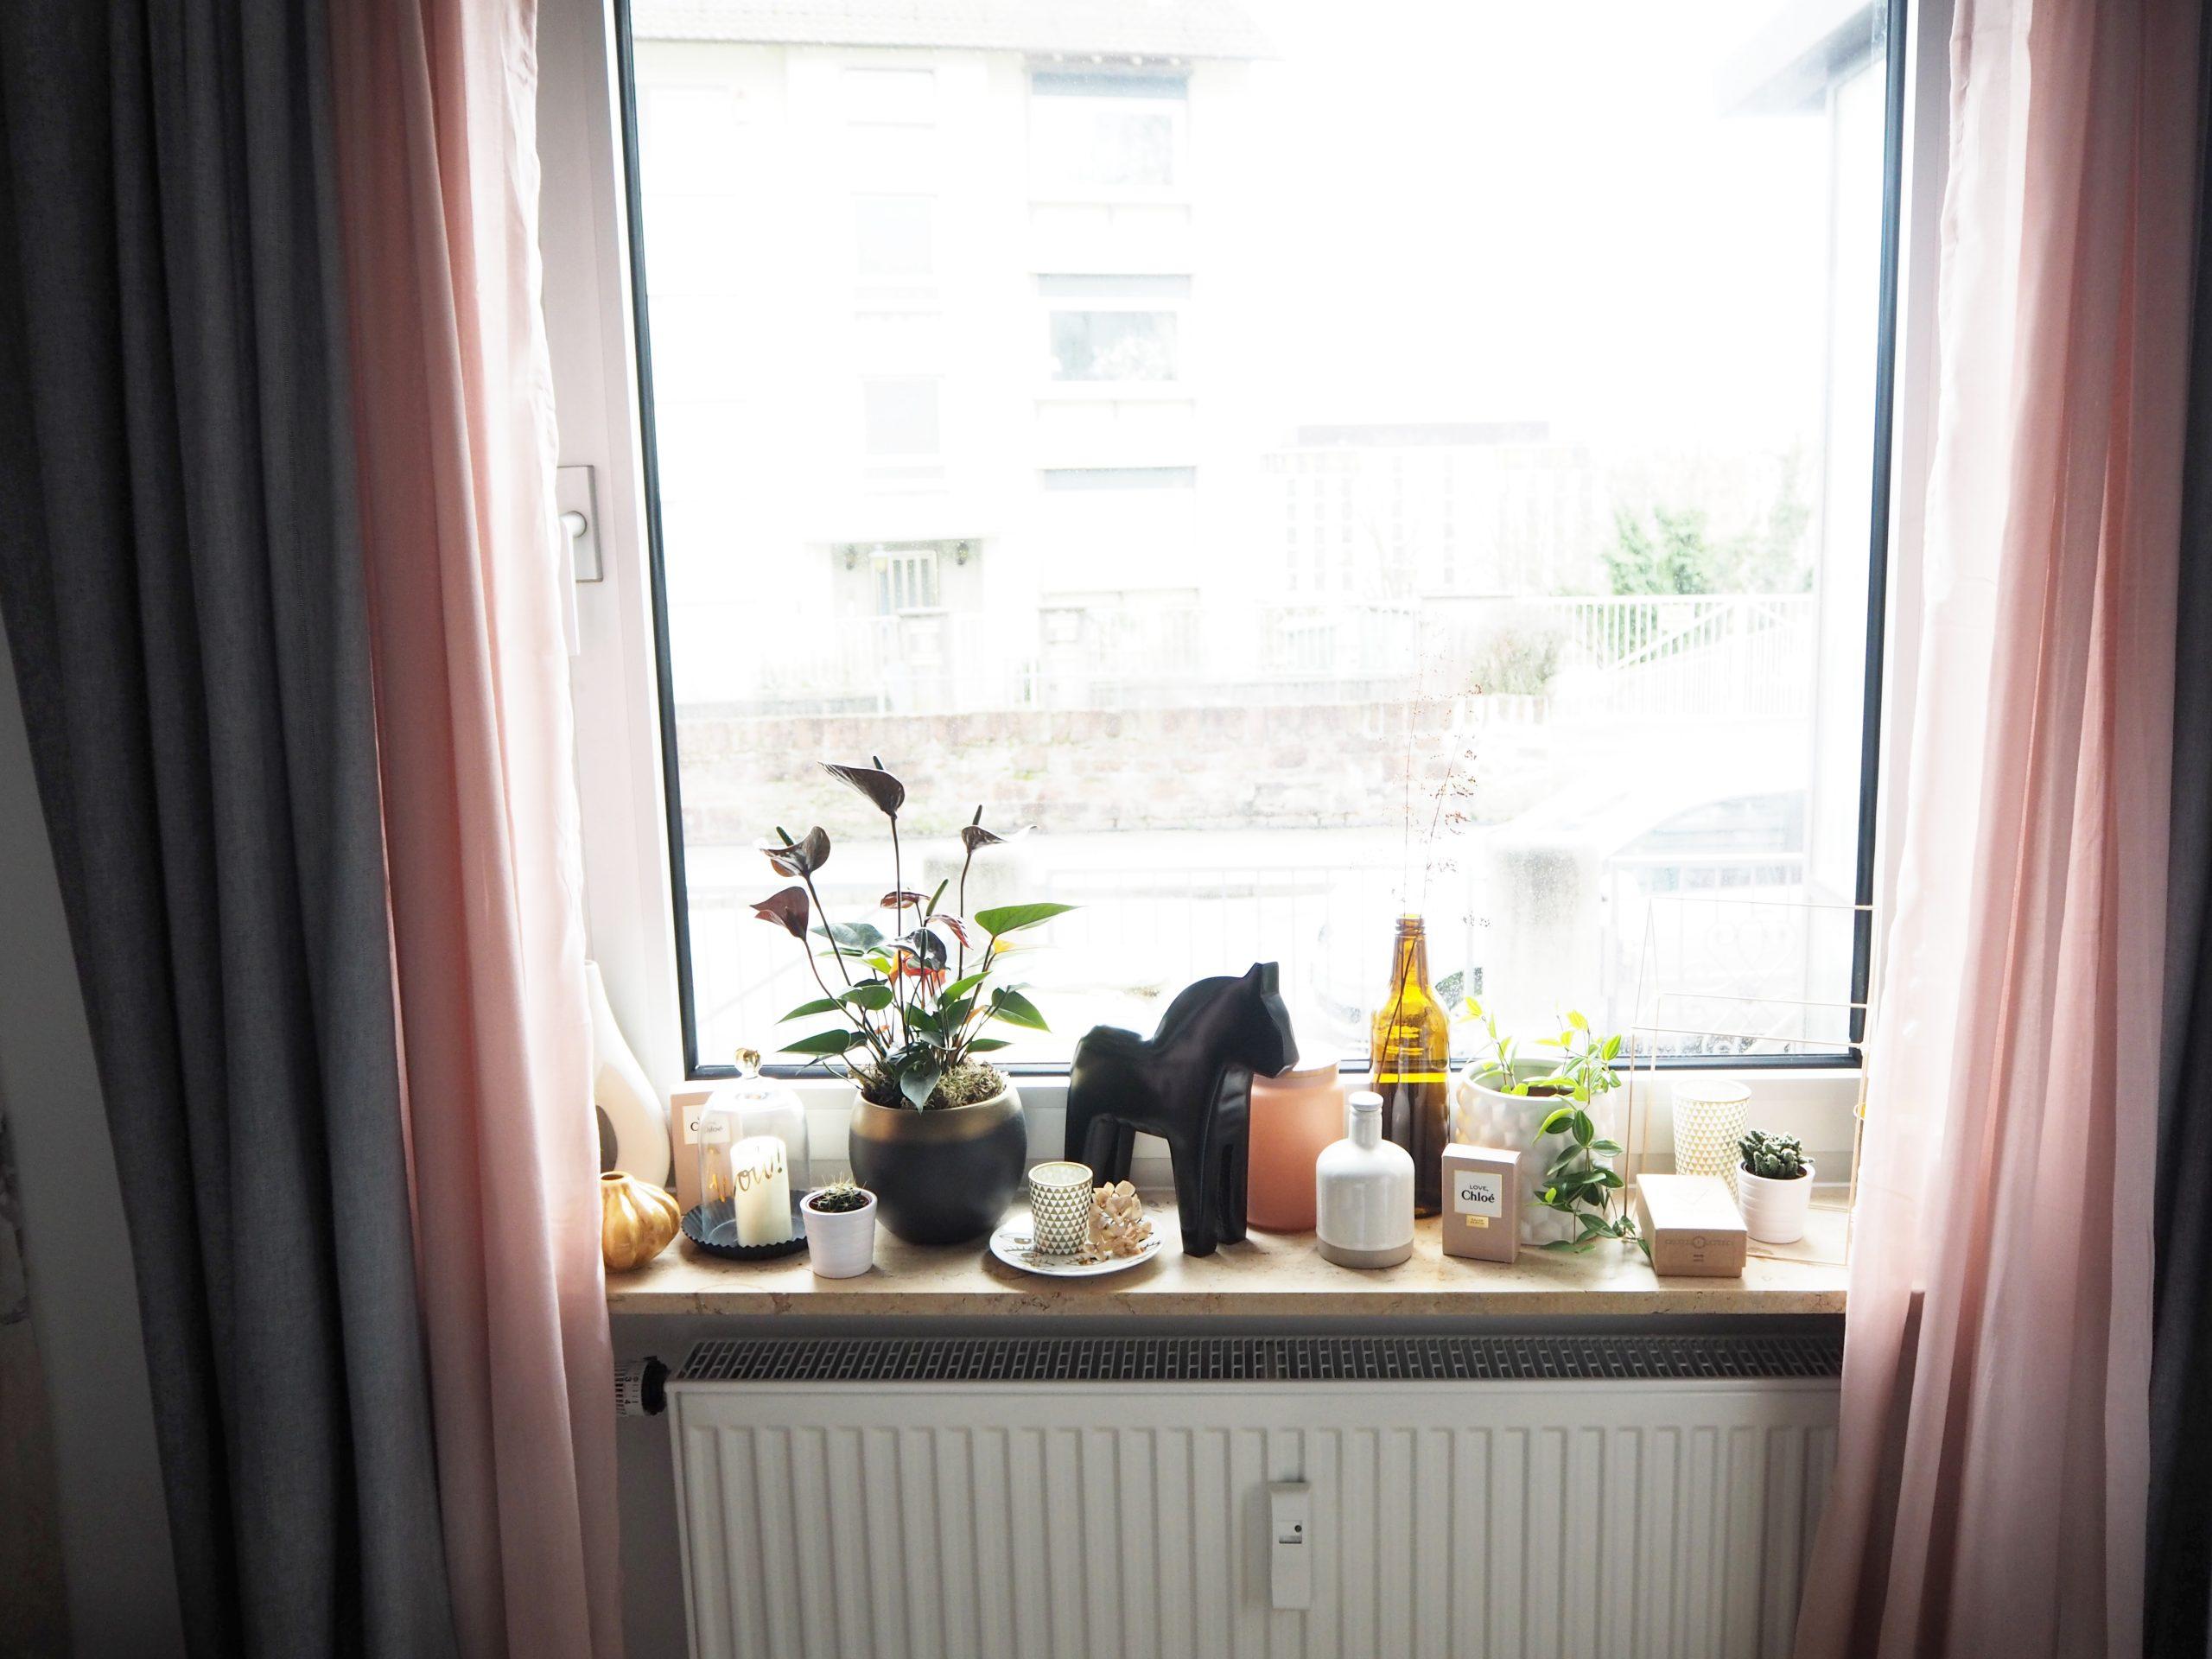 Full Size of Deko Fensterbank Interior Schlafzimmer Fr Skn Och Kreativ Badezimmer Wohnzimmer Wanddeko Küche Dekoration Für Wohnzimmer Deko Fensterbank